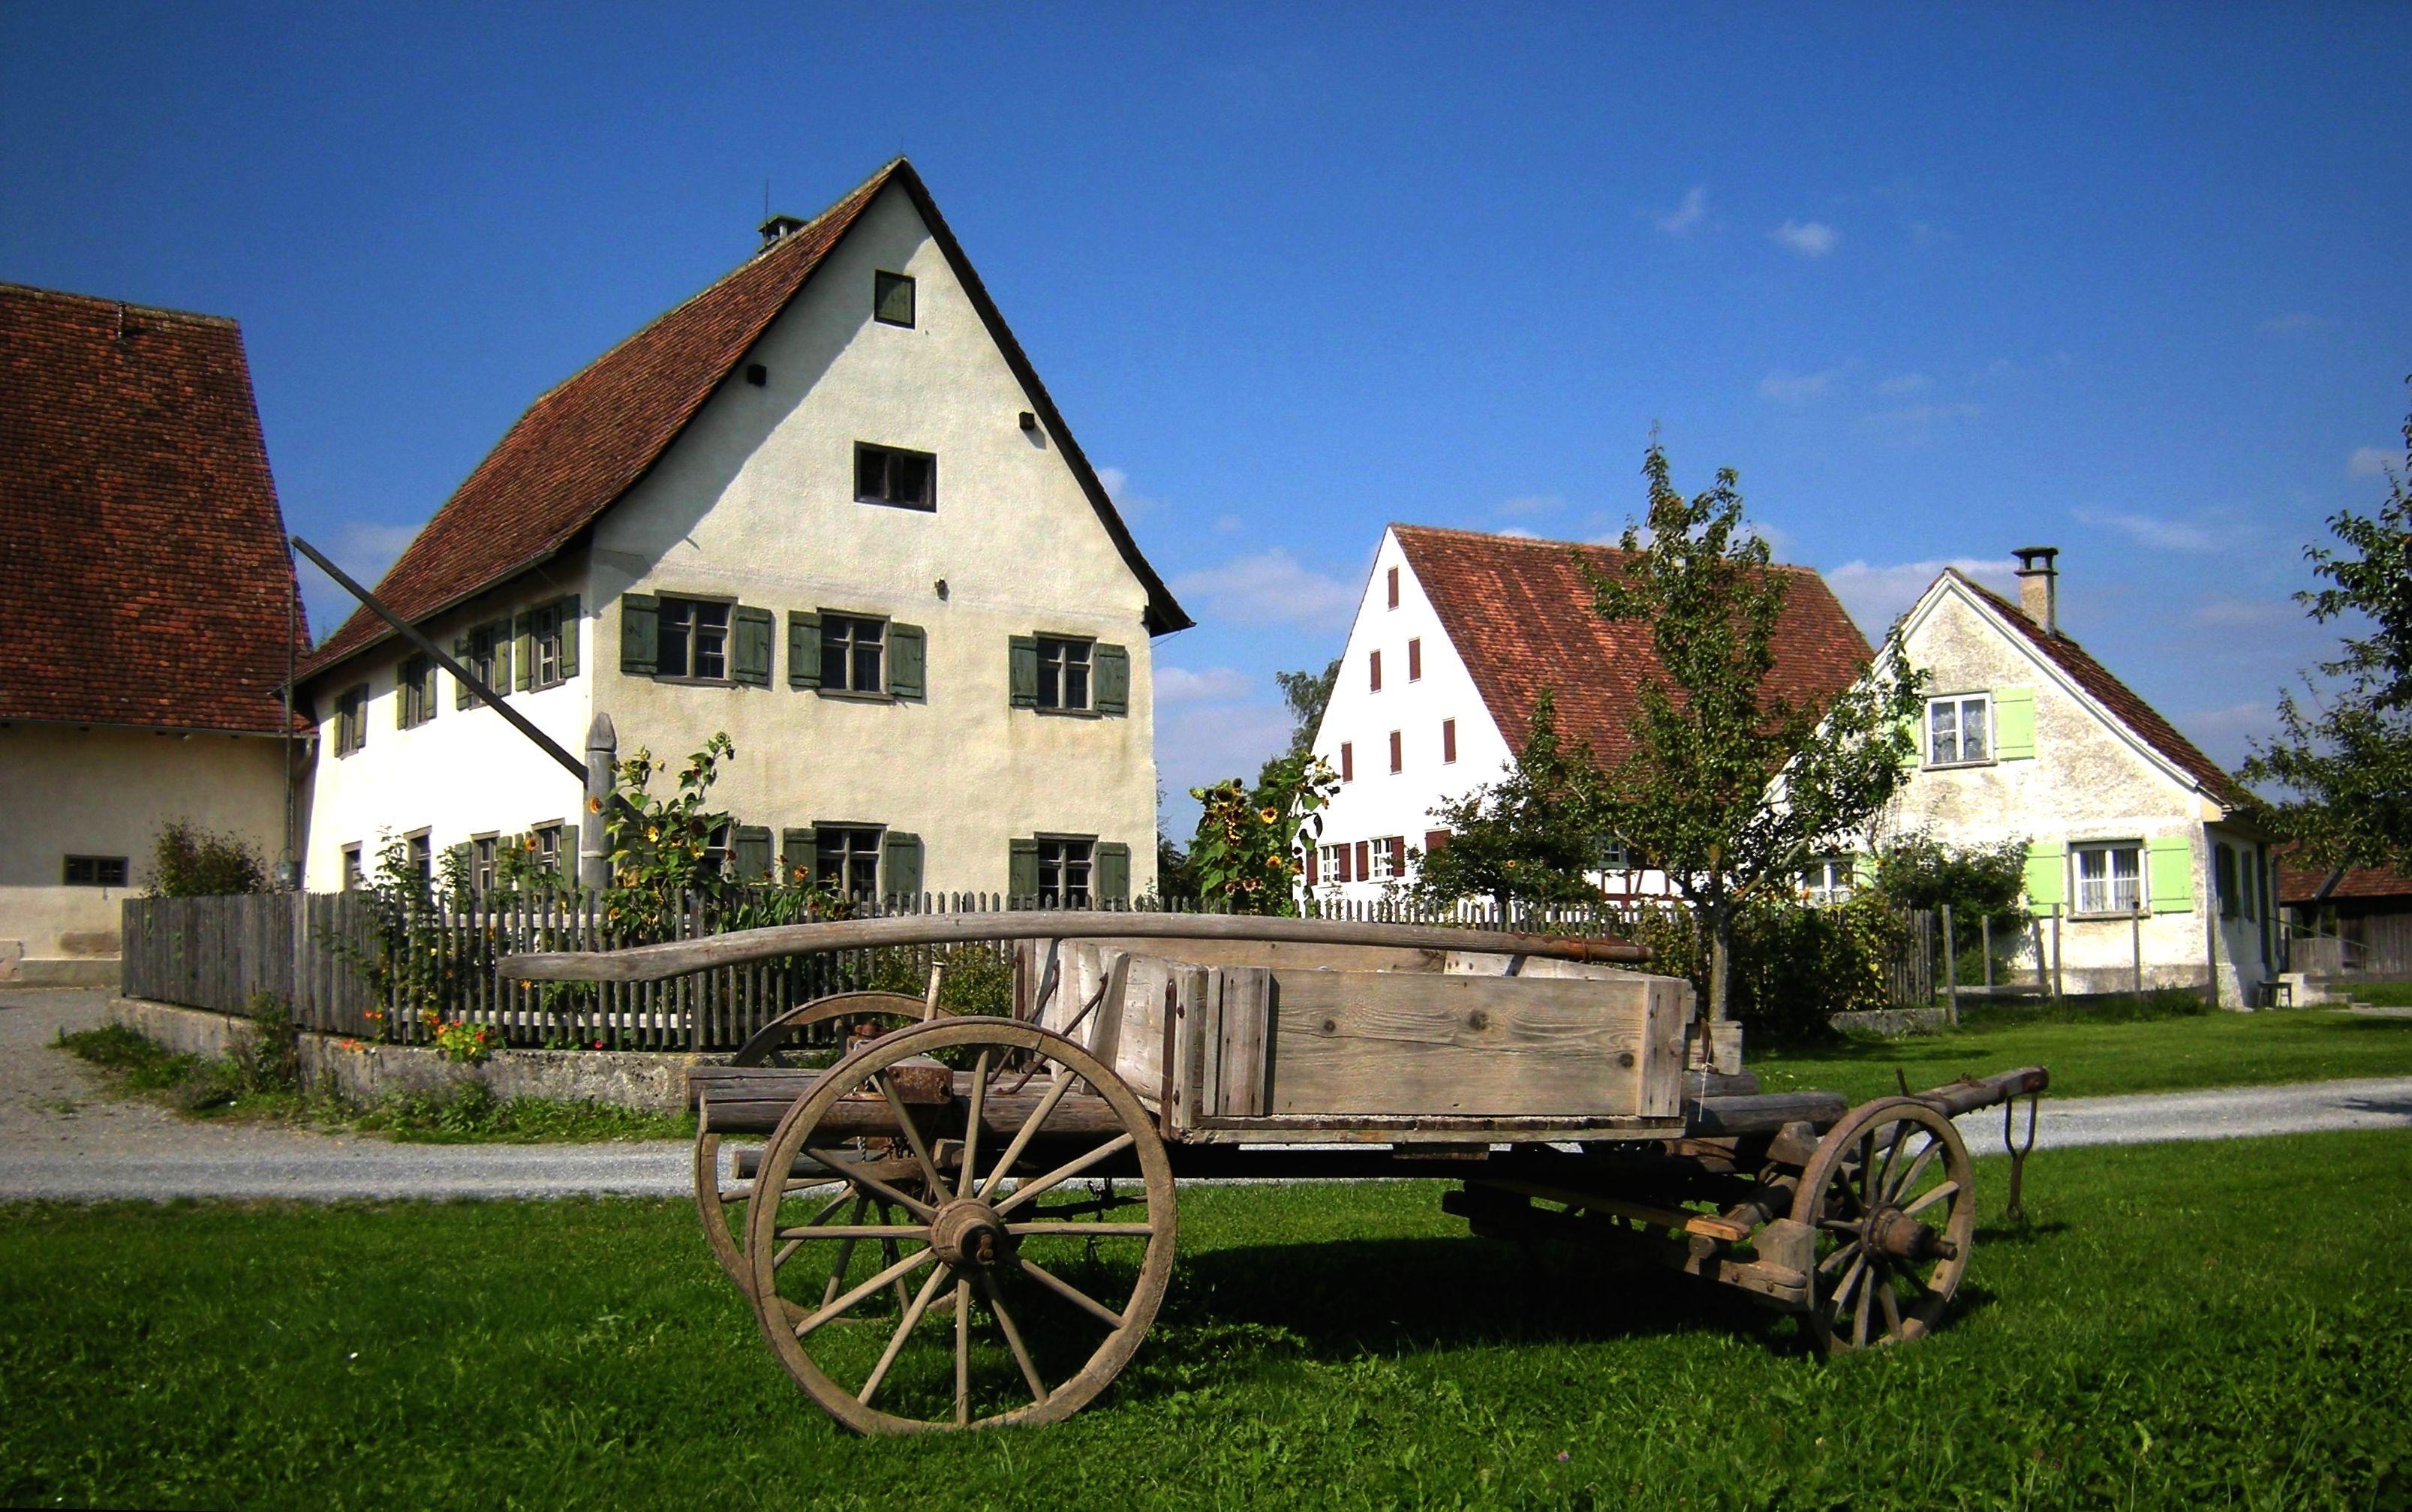 File:Bad Schussenried   Museumsdorf Kürnbach Hof Mit Holz   Leiterwagen